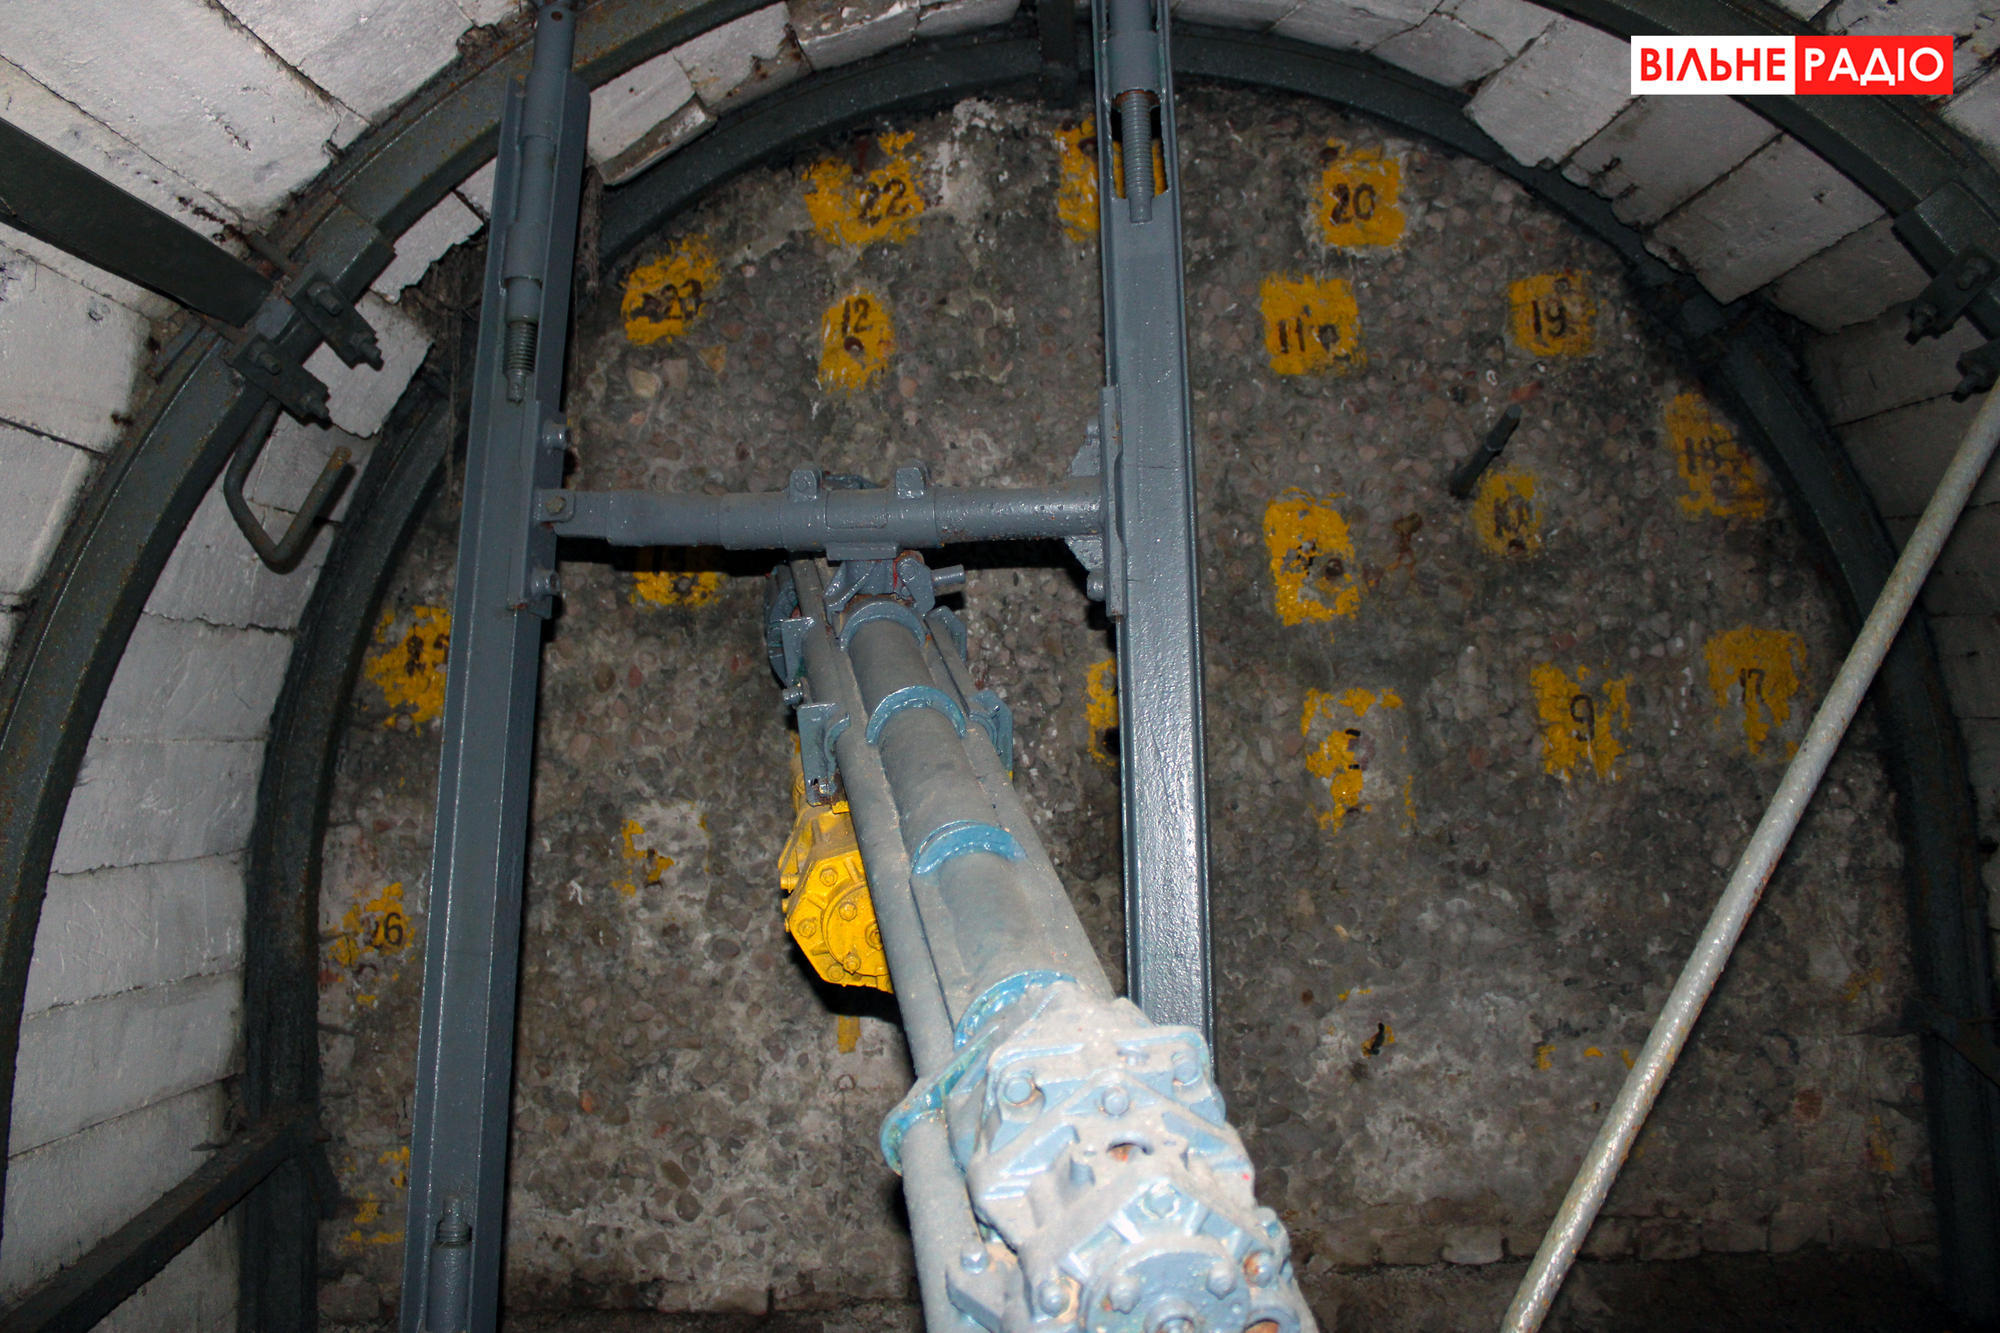 Стена, которой оканчивается квершлаг. Фото из учебной шахты в Торецке